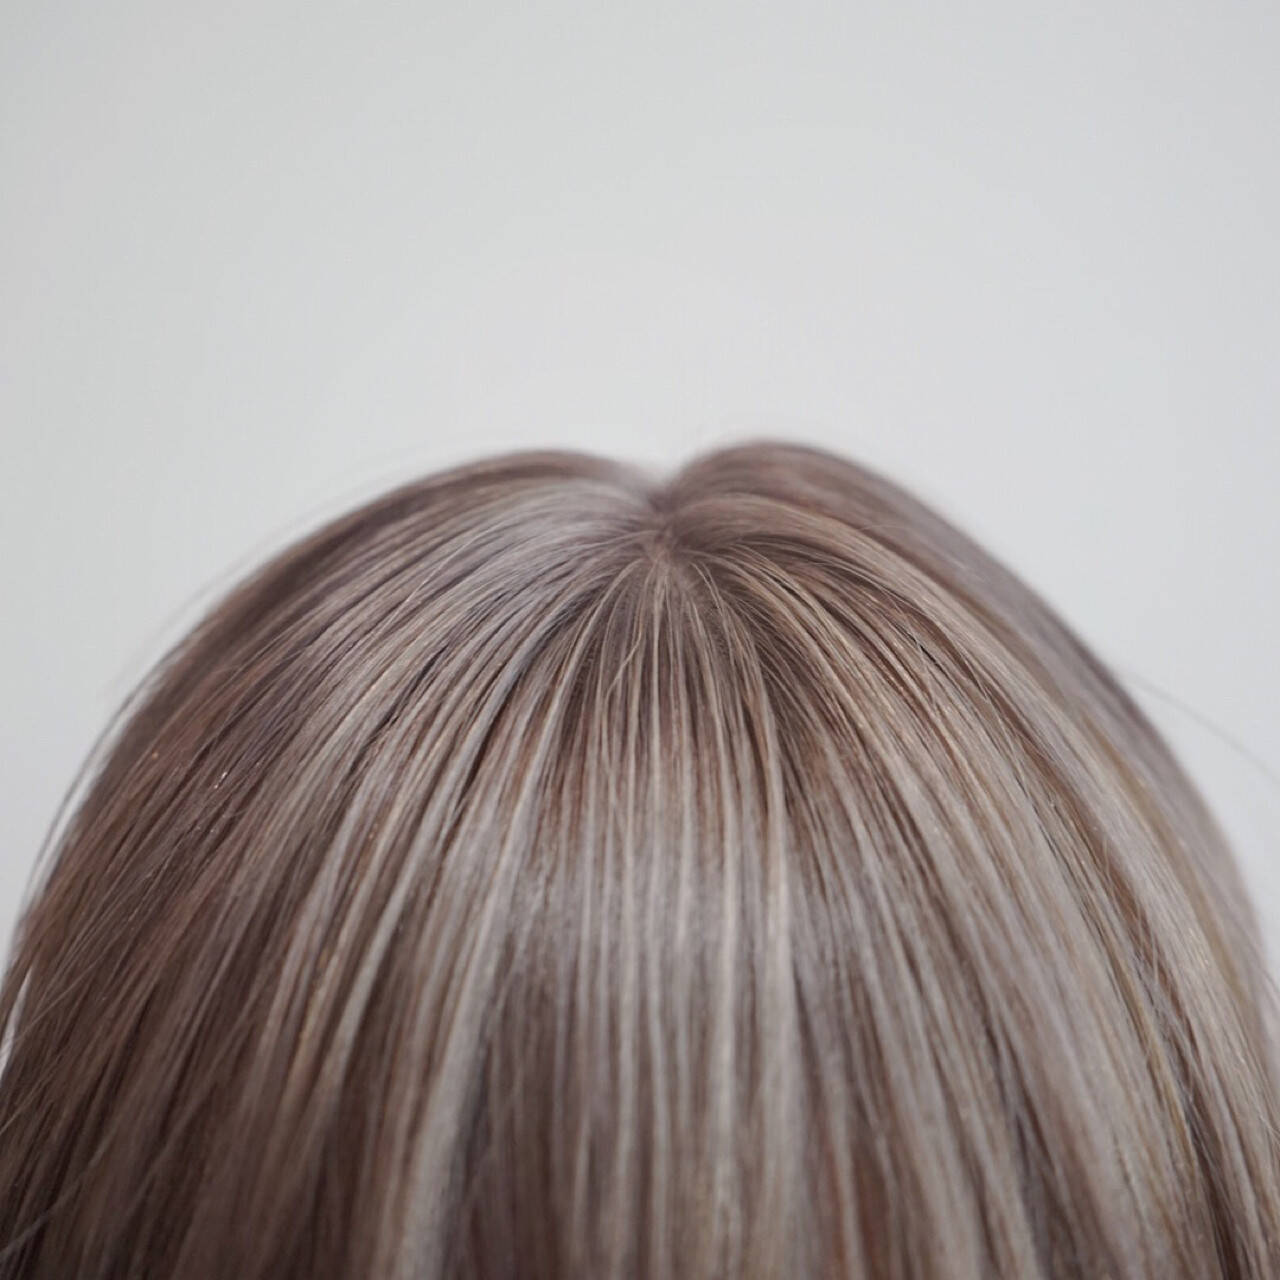 ボブ ナチュラル 透明感 ミルクティーヘアスタイルや髪型の写真・画像